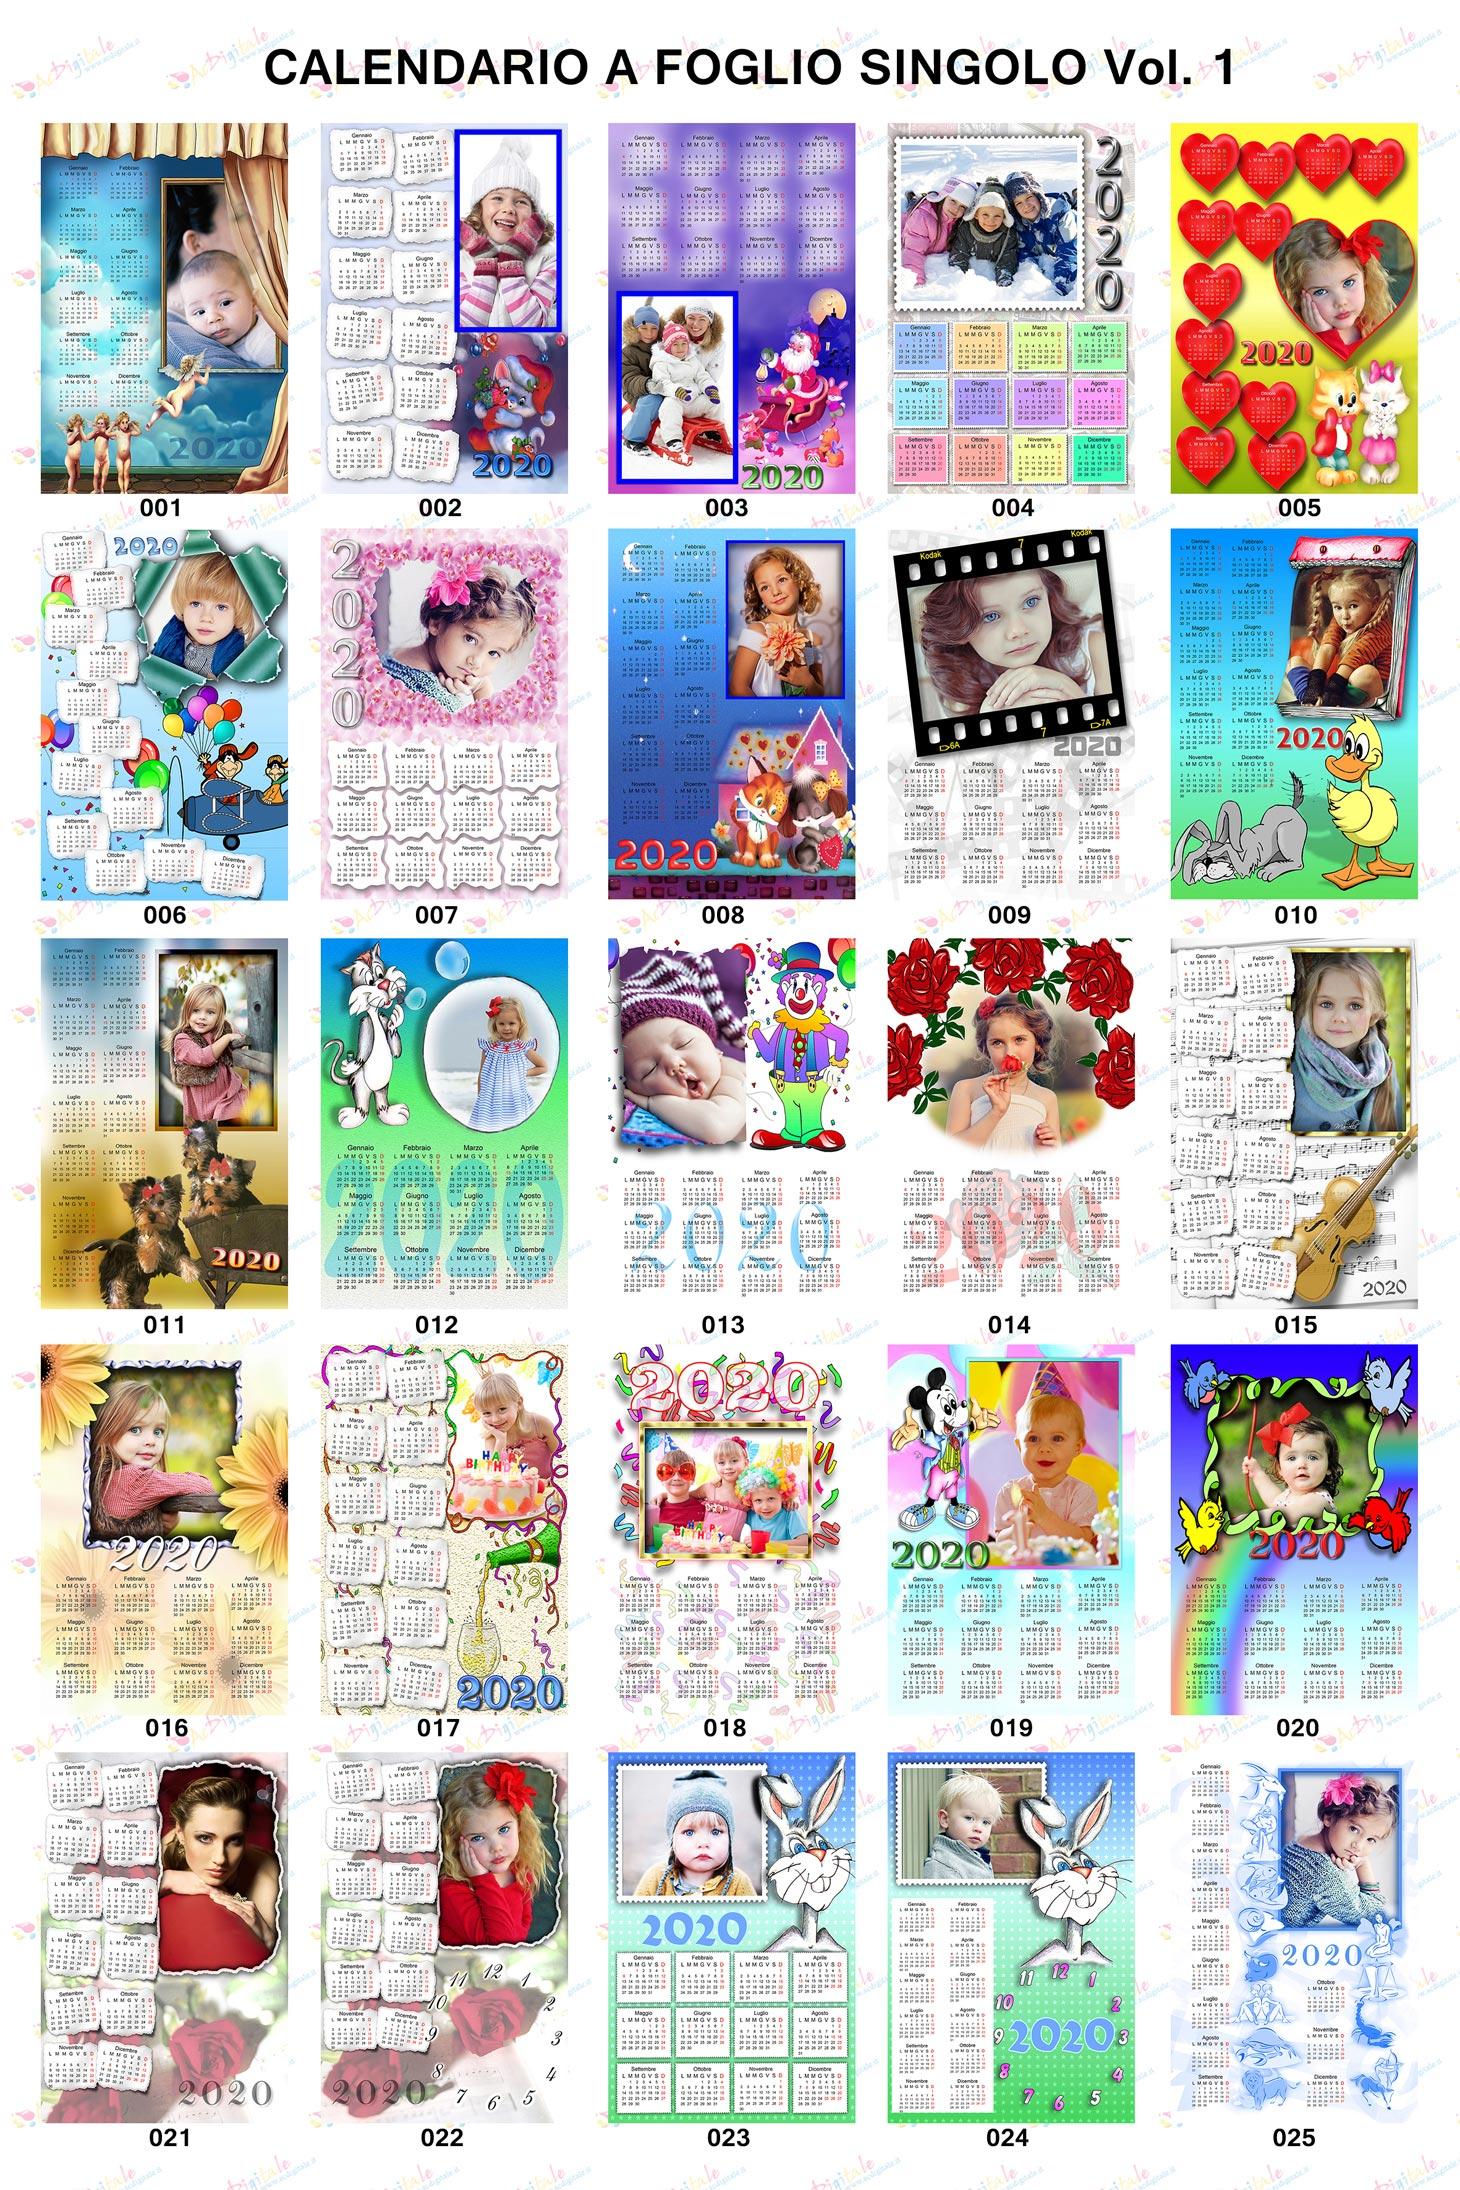 Anteprima calendari personalizzati 2020 Volume 1